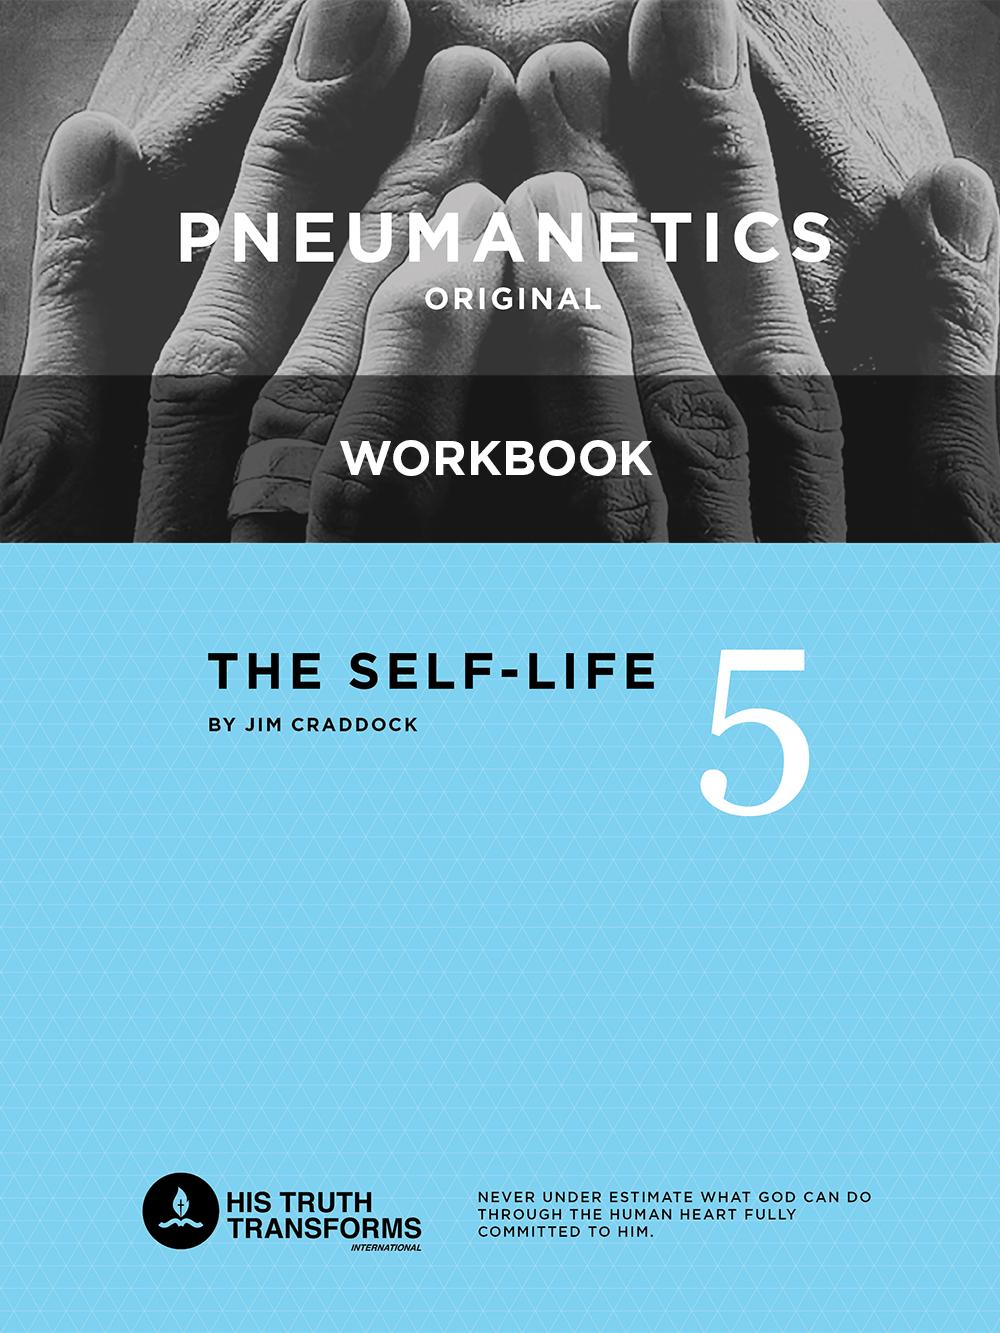 pneumanetics-5-workbook.jpg